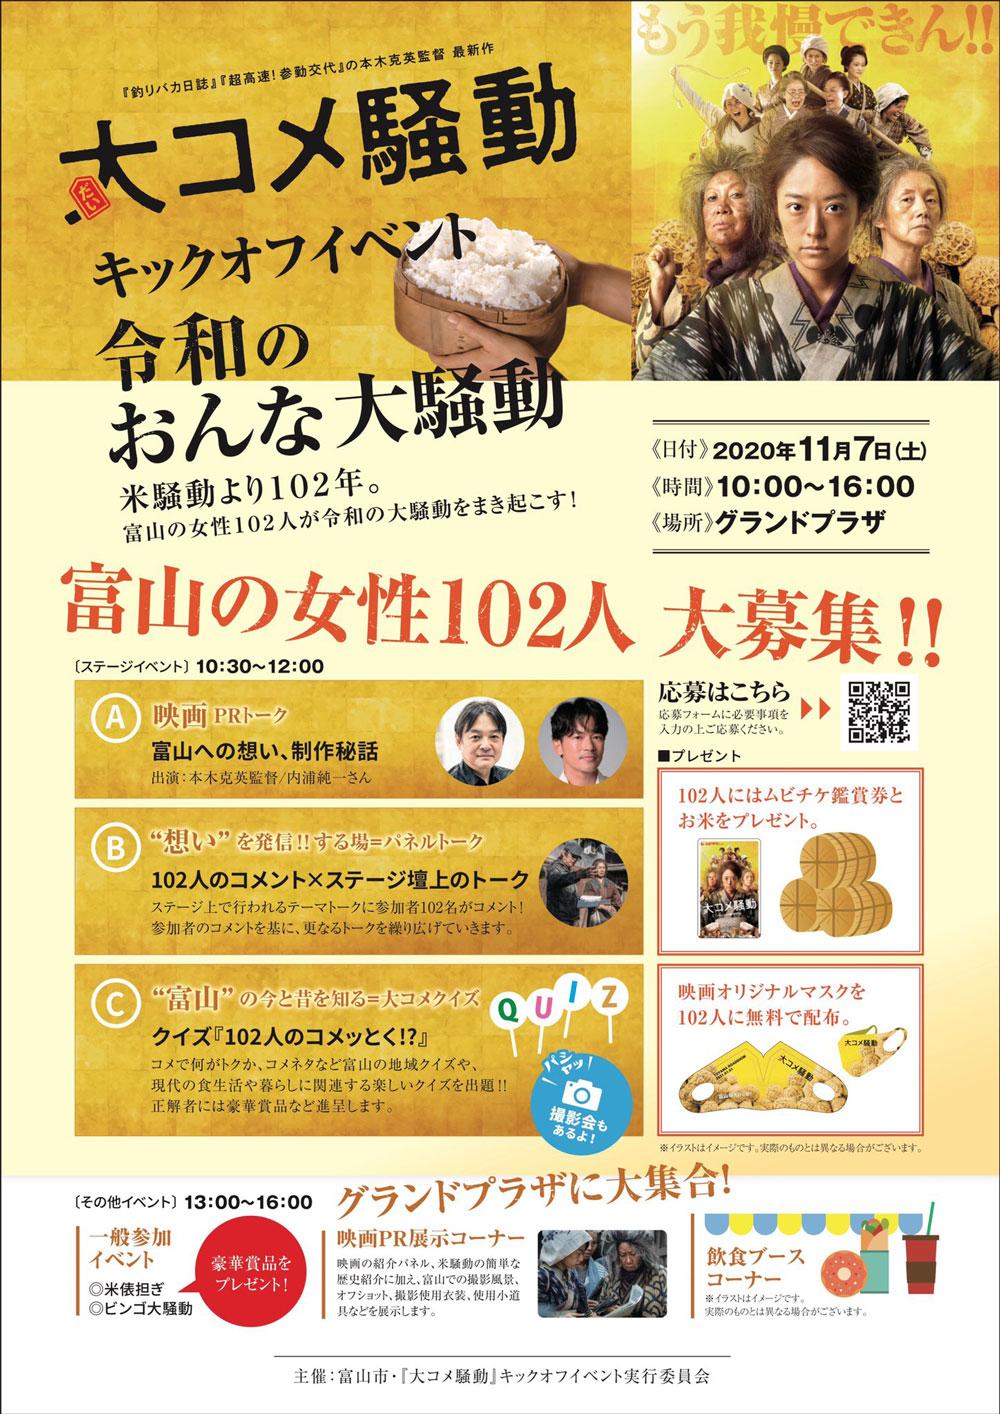 映画『大コメ騒動』キックオフイベント「令和のおんな大騒動」のイベントチラシ